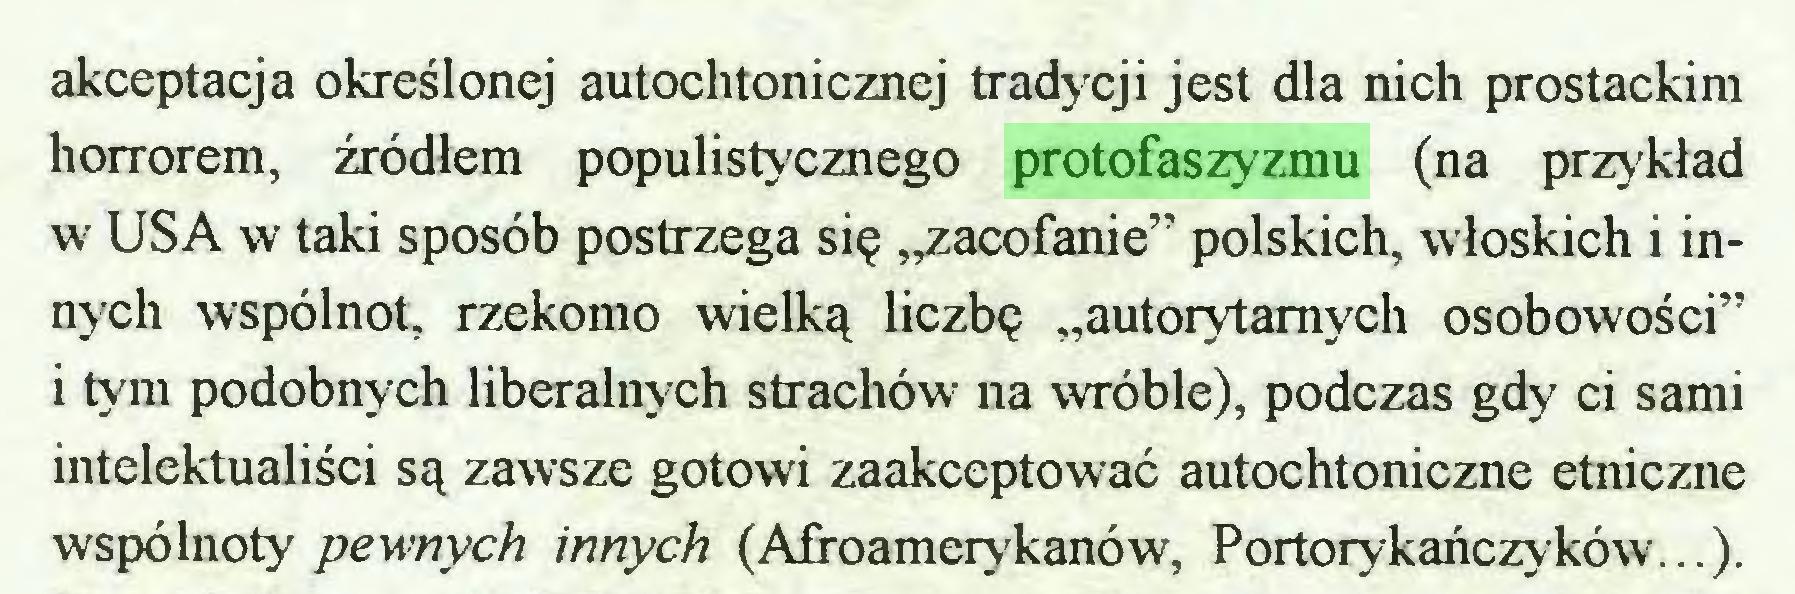 """(...) akceptacja określonej autochtonicznej tradycji jest dla nich prostackim horrorem, źródłem populistycznego protofaszyzmu (na przykład w USA w taki sposób postrzega się """"zacofanie'' polskich, włoskich i innych wspólnot, rzekomo wielką liczbę """"autorytarnych osobowości"""" i tym podobnych liberalnych strachów na wróble), podczas gdy ci sami intelektualiści są zawsze gotowi zaakceptować autochtoniczne etniczne wspólnoty pewnych innych (Afroamerykanów, Portorykańczyków...)..."""